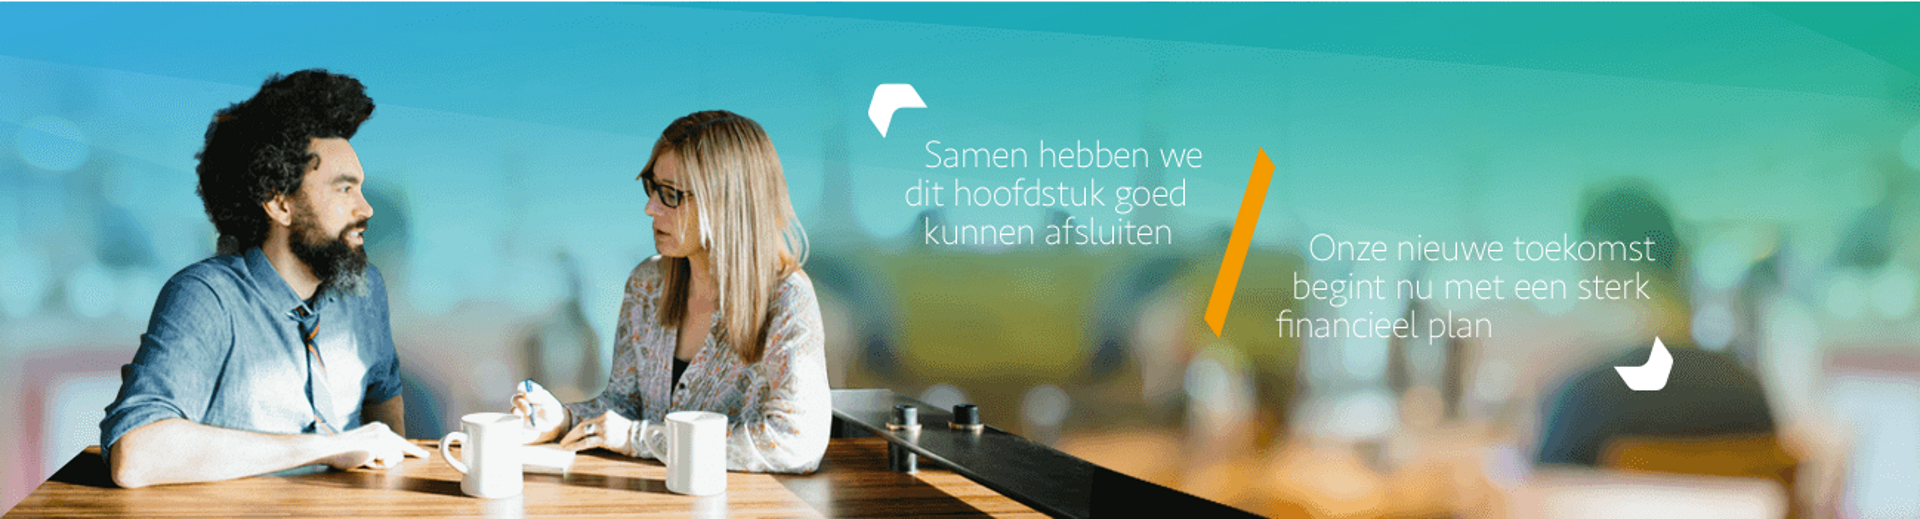 Financieel advies bij uw scheiding - Scheidingsplanner Midden-Nederland